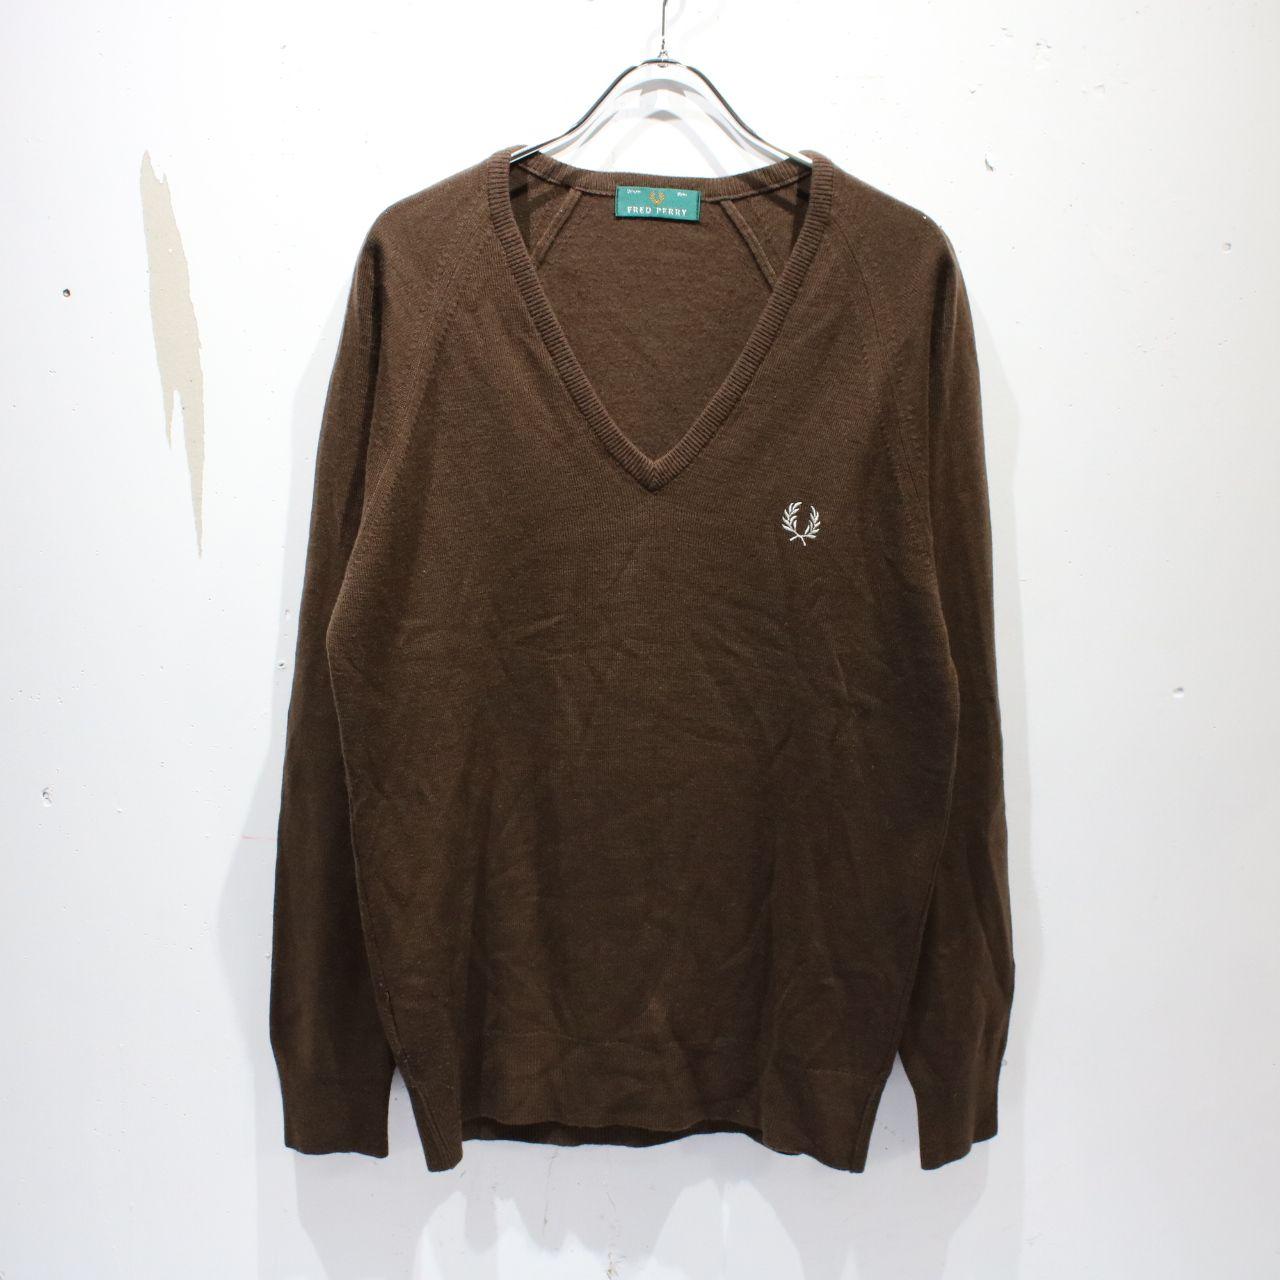 FRED PERRY / フレッドペリー | ロゴ刺繍Vネックニットセーター | 92cm 36in | ブラウン | メンズ